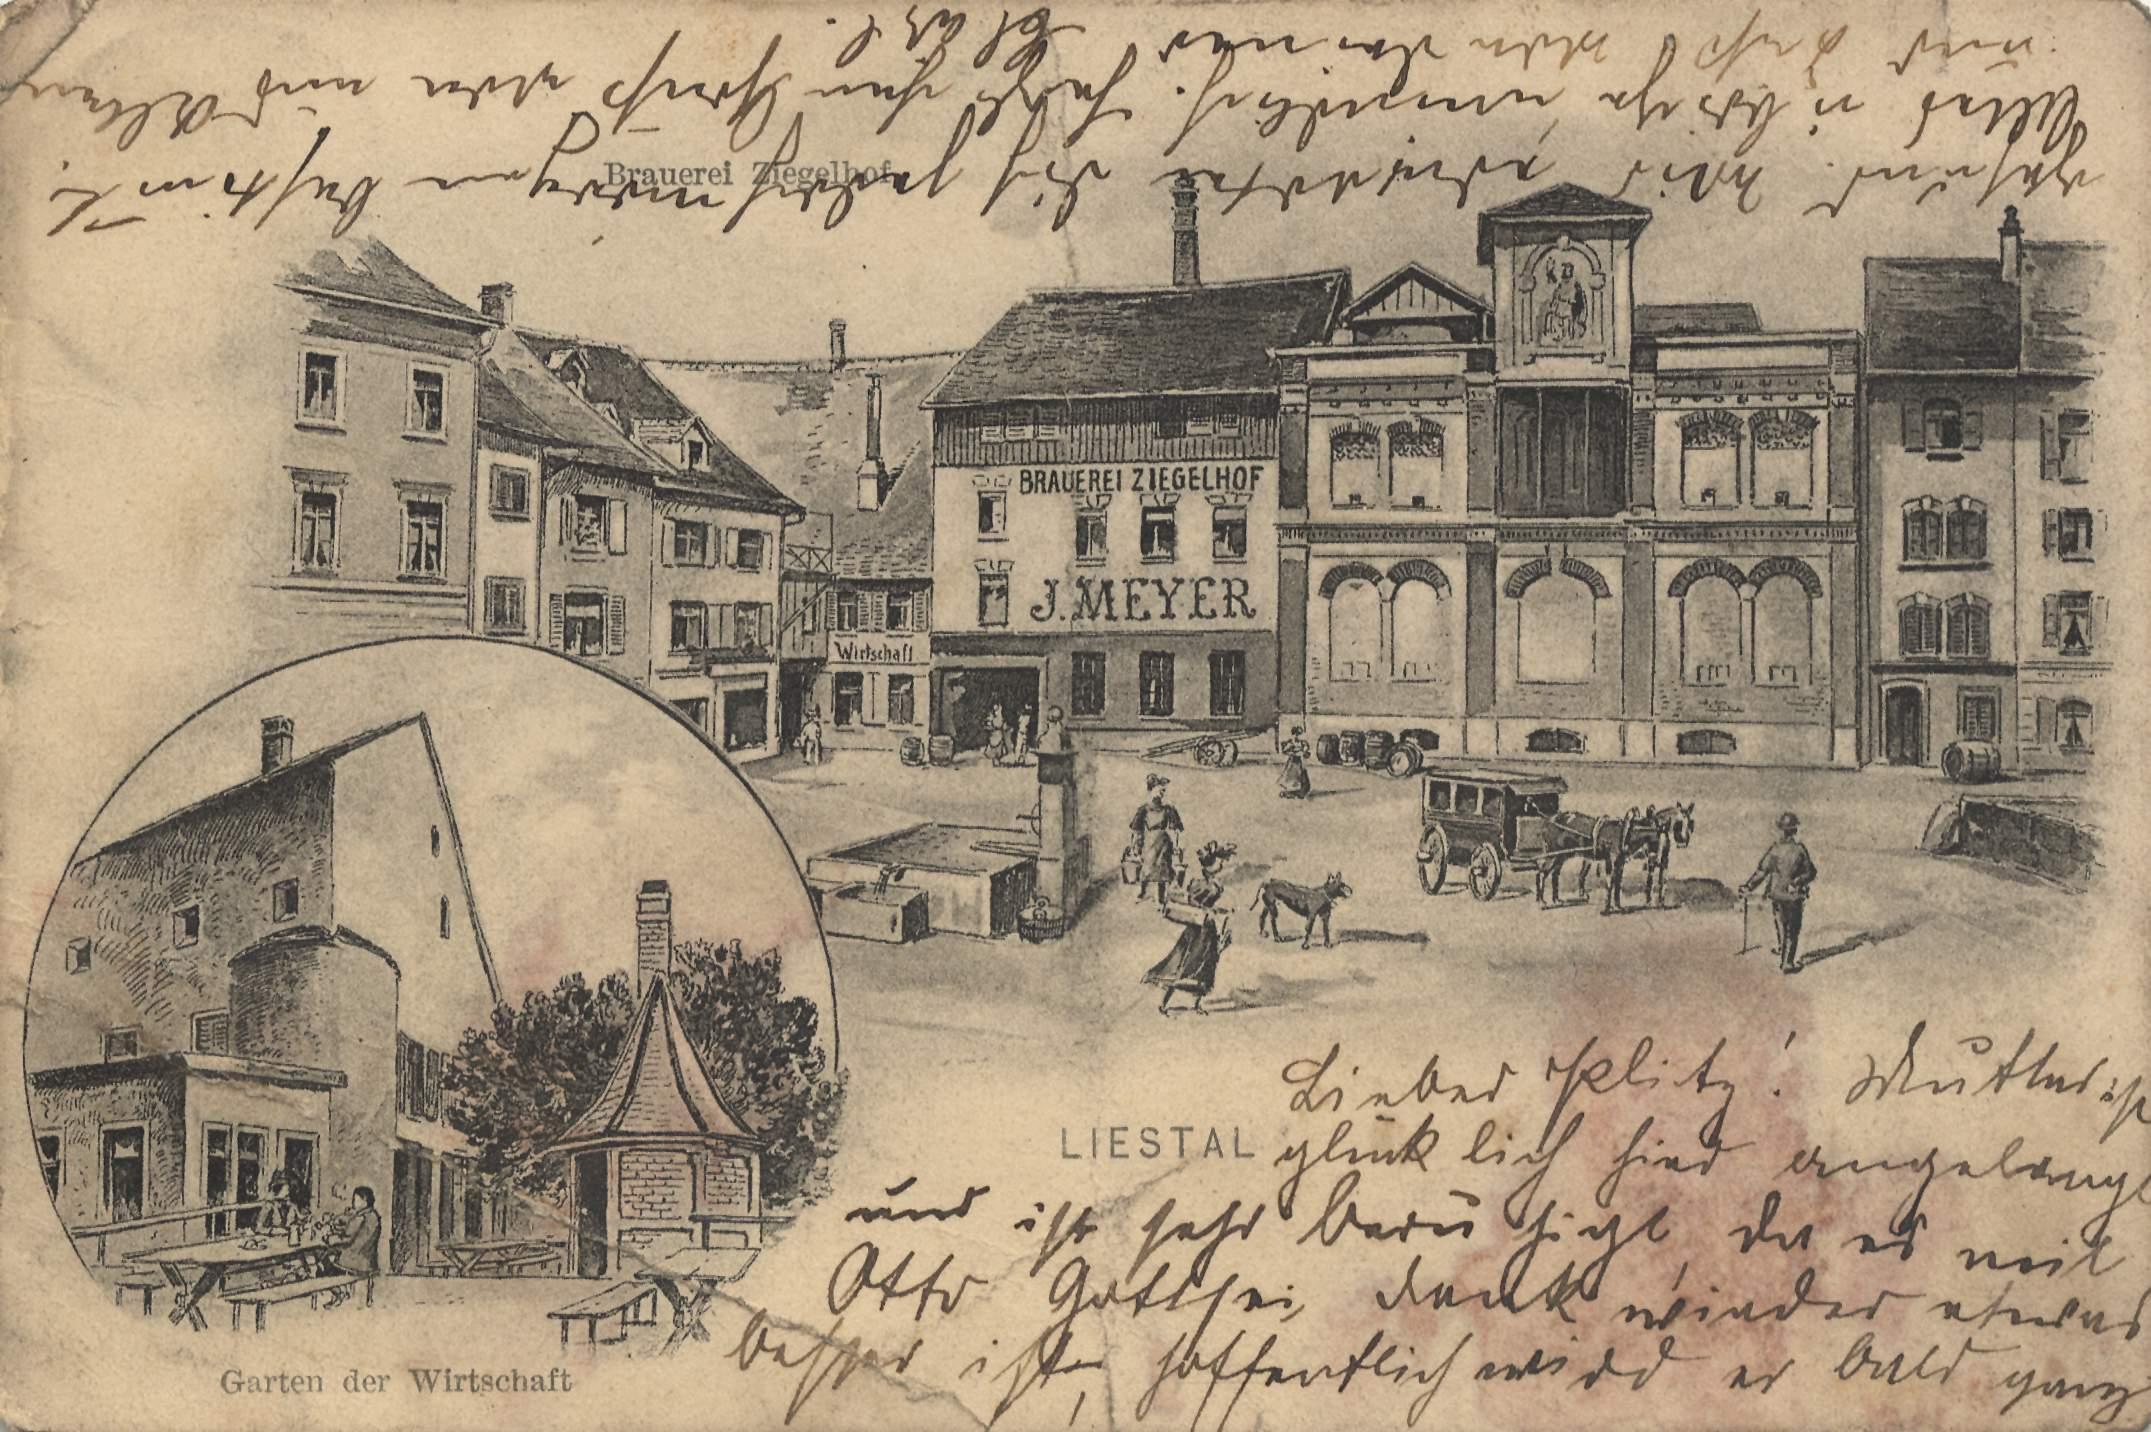 https://upload.wikimedia.org/wikipedia/commons/2/28/Breslau%2C_Schlesien_-_Brauerei_Ziegelhof%3B_Garten_der_Wirtschaft_%28Zeno_Ansichtskarten%29.jpg